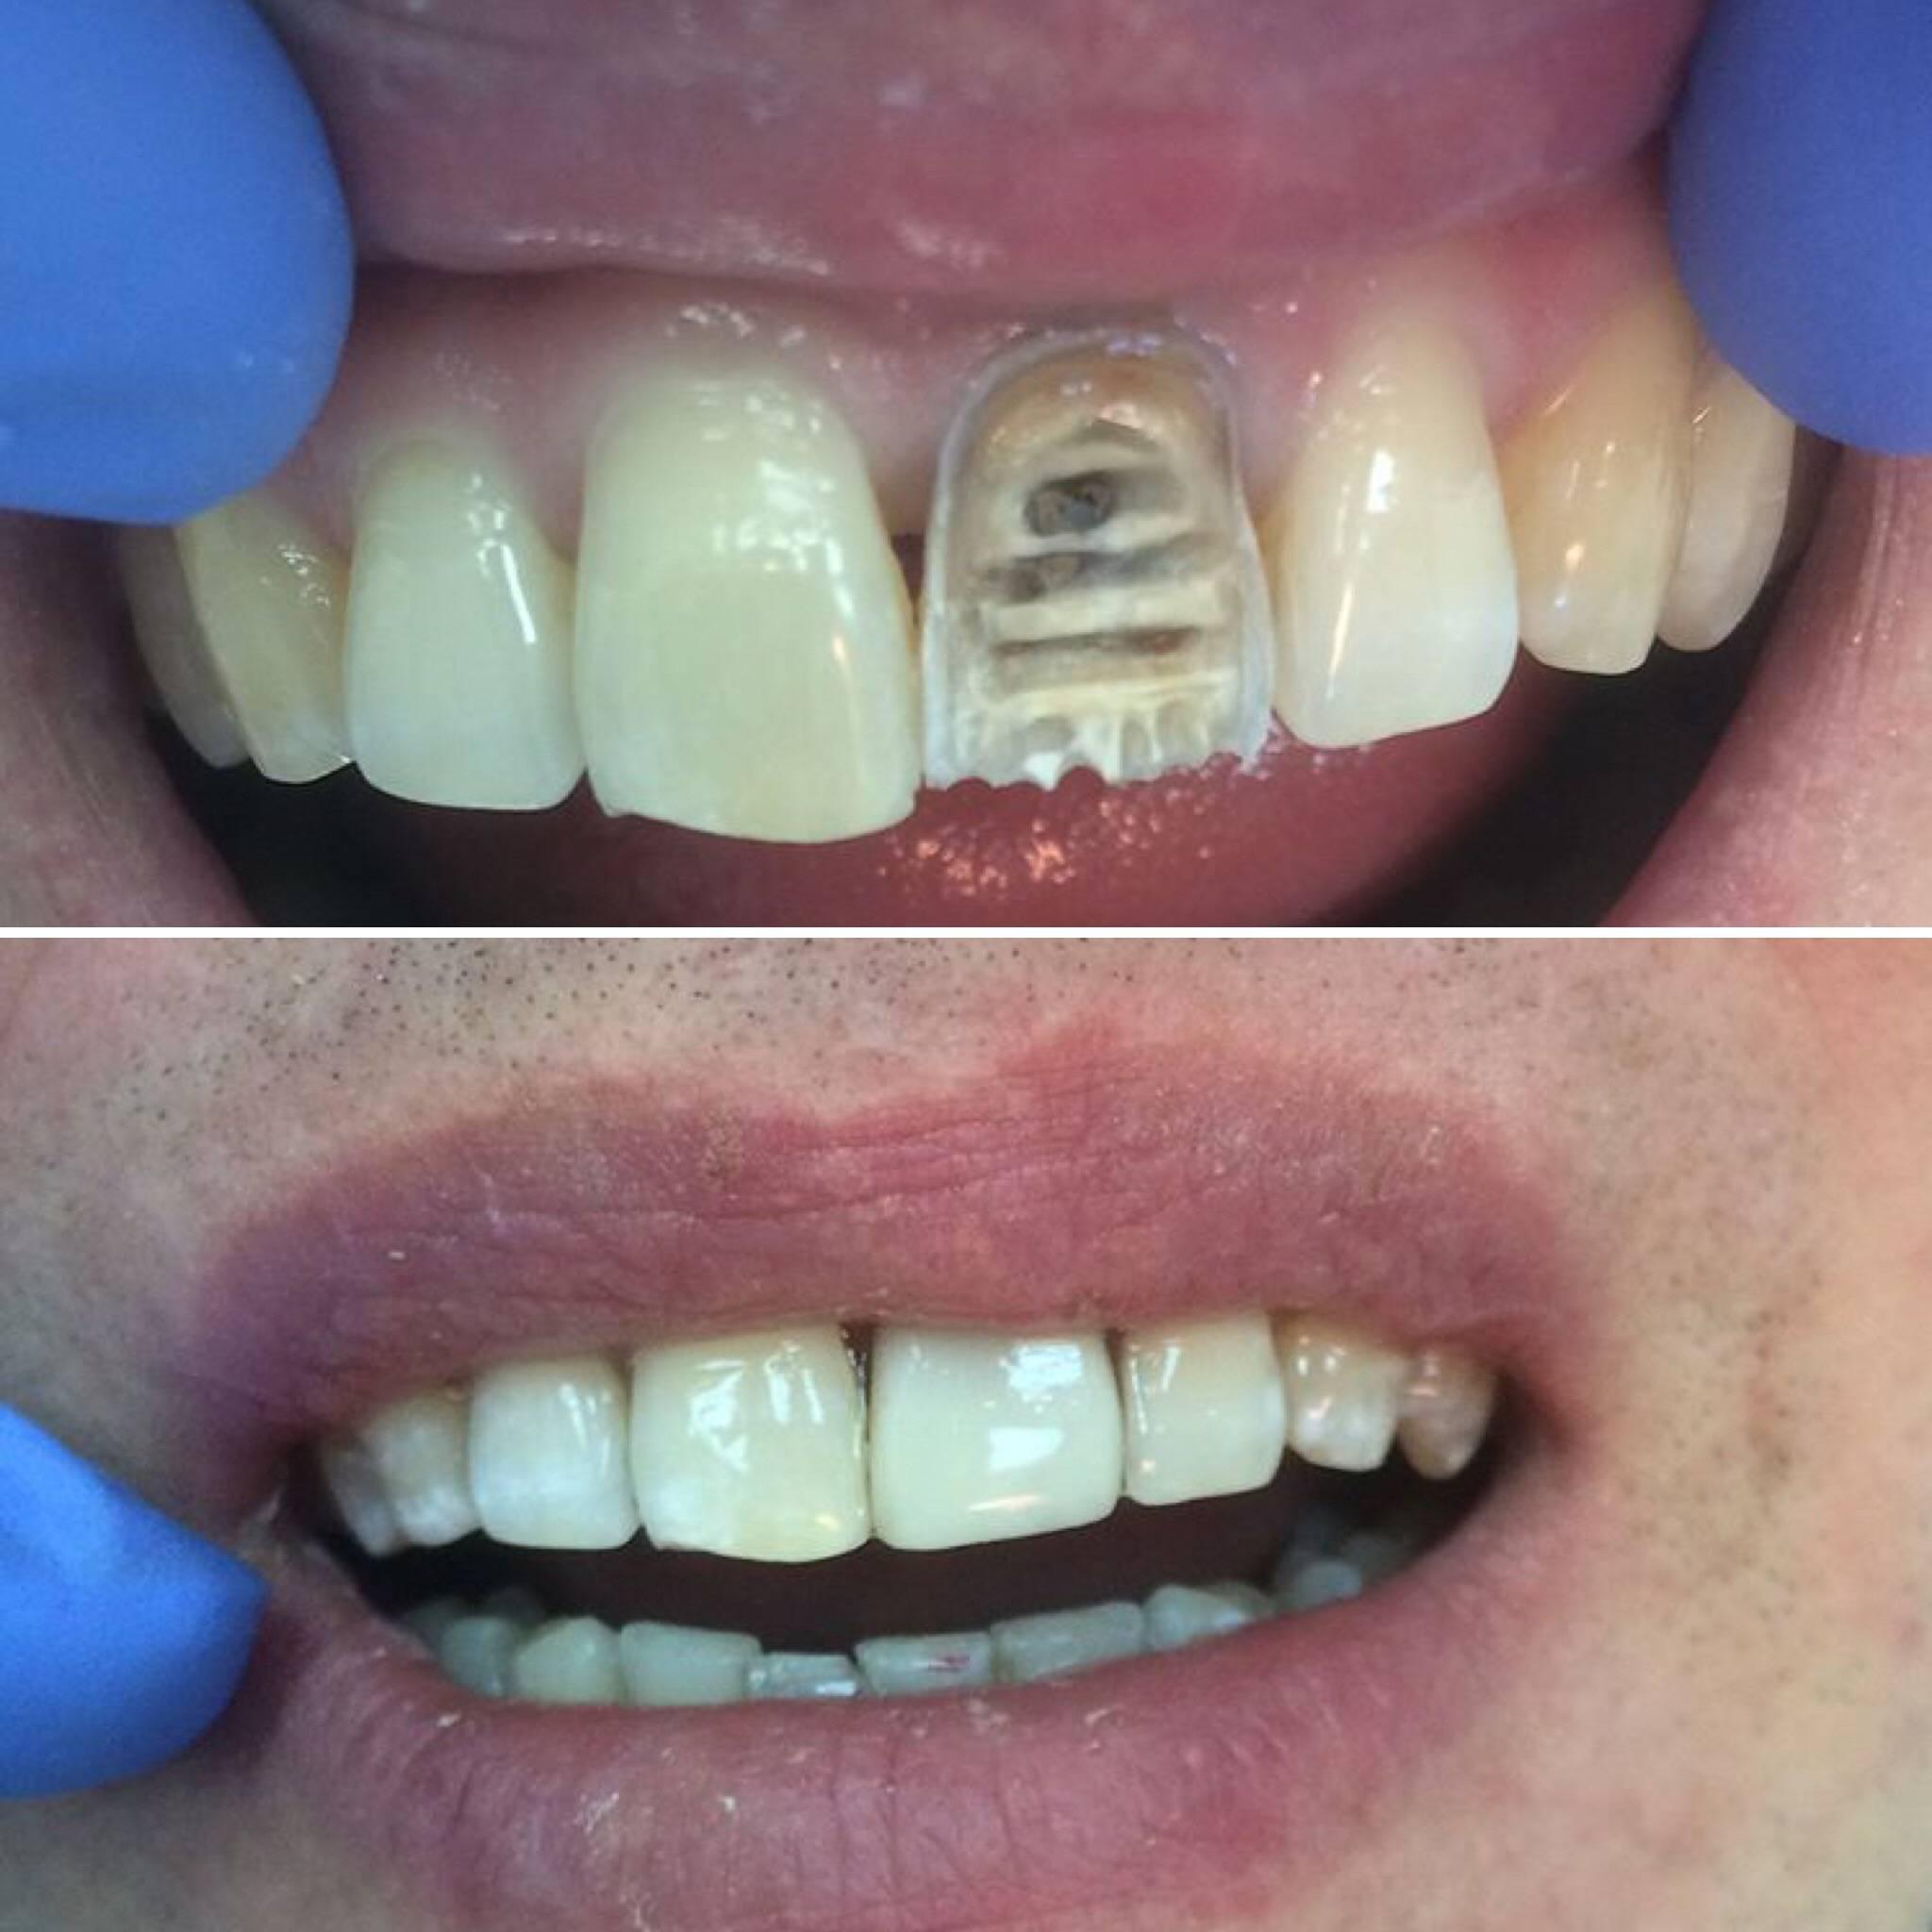 Как ставят пломбы на зубы и сколько нельзя есть после пломбирования